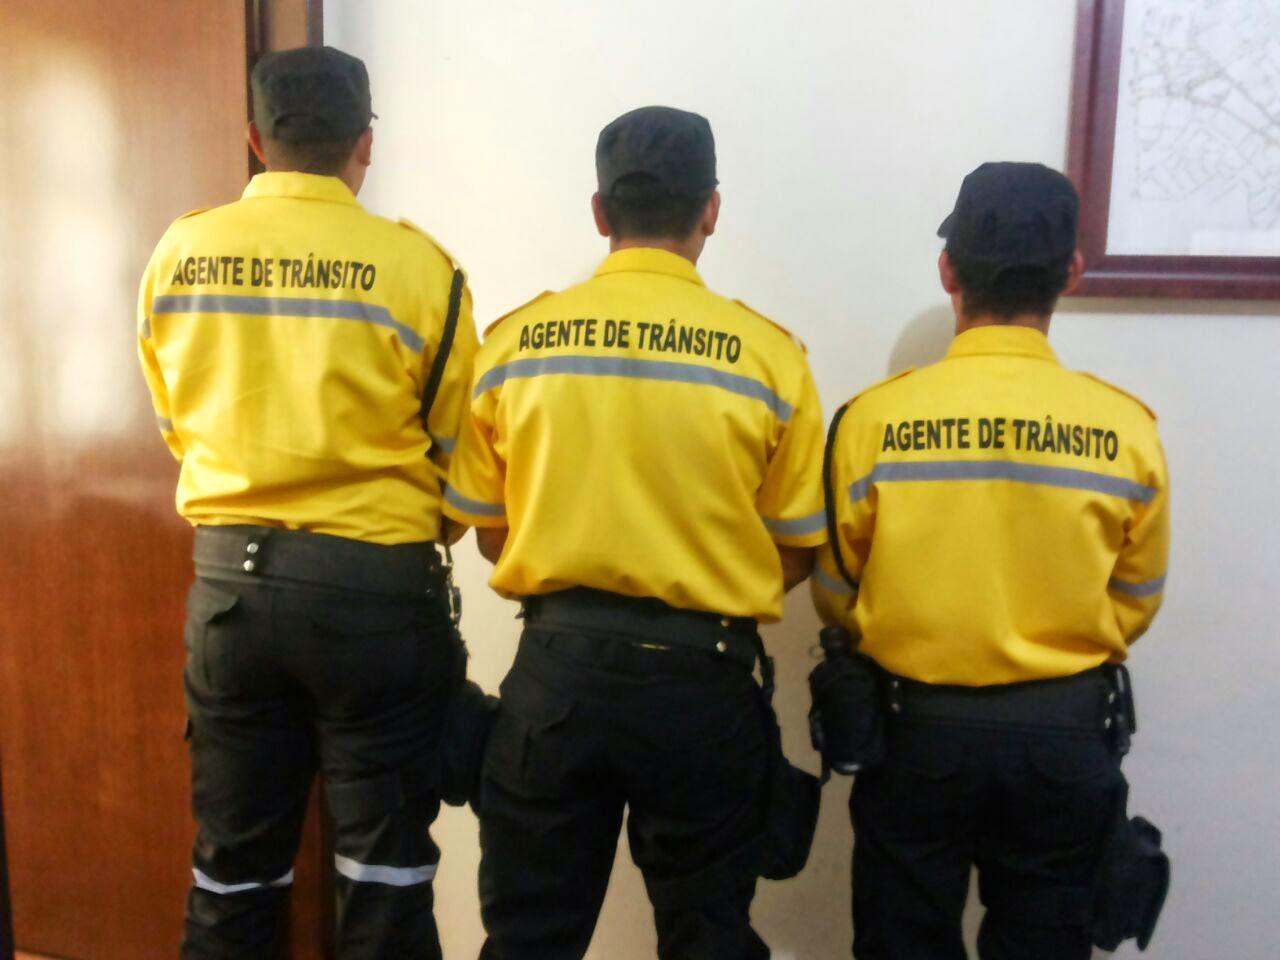 Resultado de imagem para AGENTE DE TRANSITO  DF ARMADO